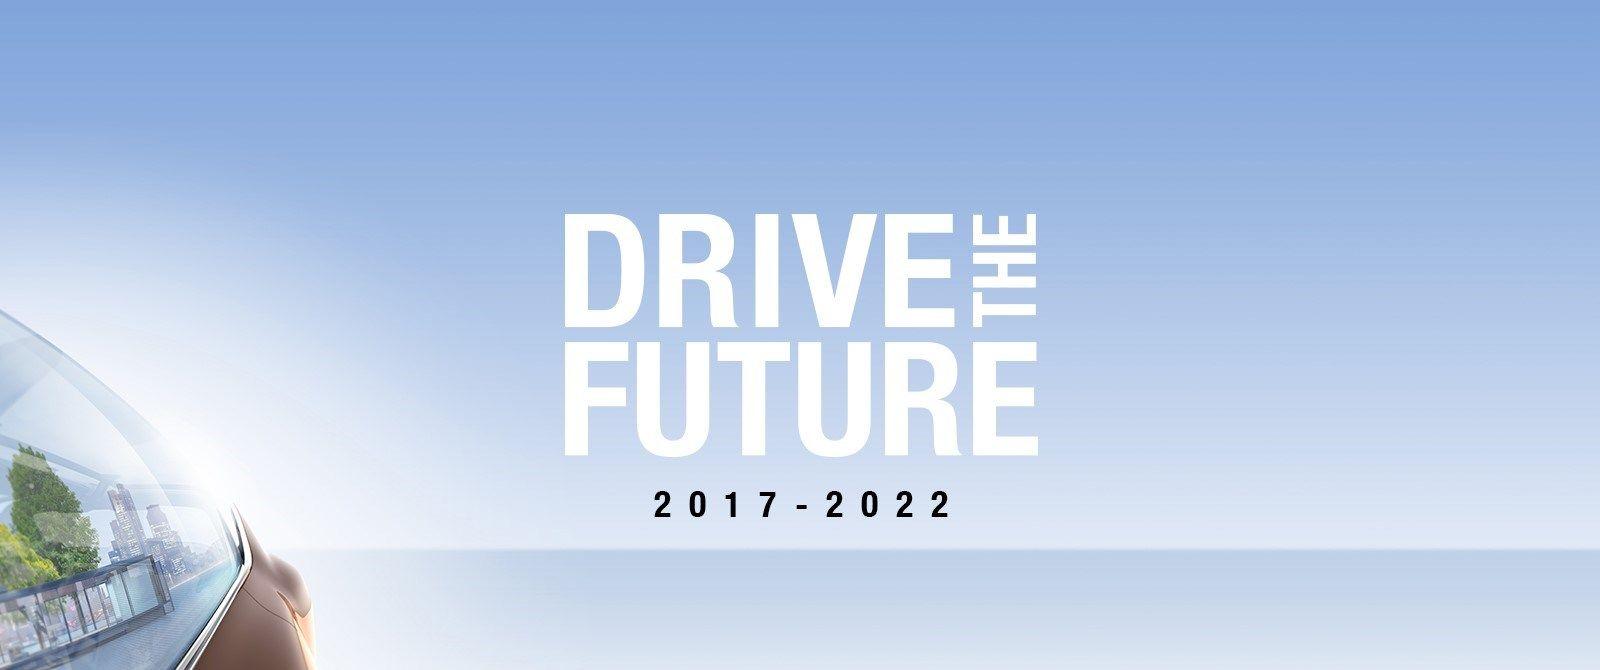 DRIVE THE FUTURE 2017-2022: НОВЫЙ СТРАТЕГИЧЕСКИЙ ПЛАН